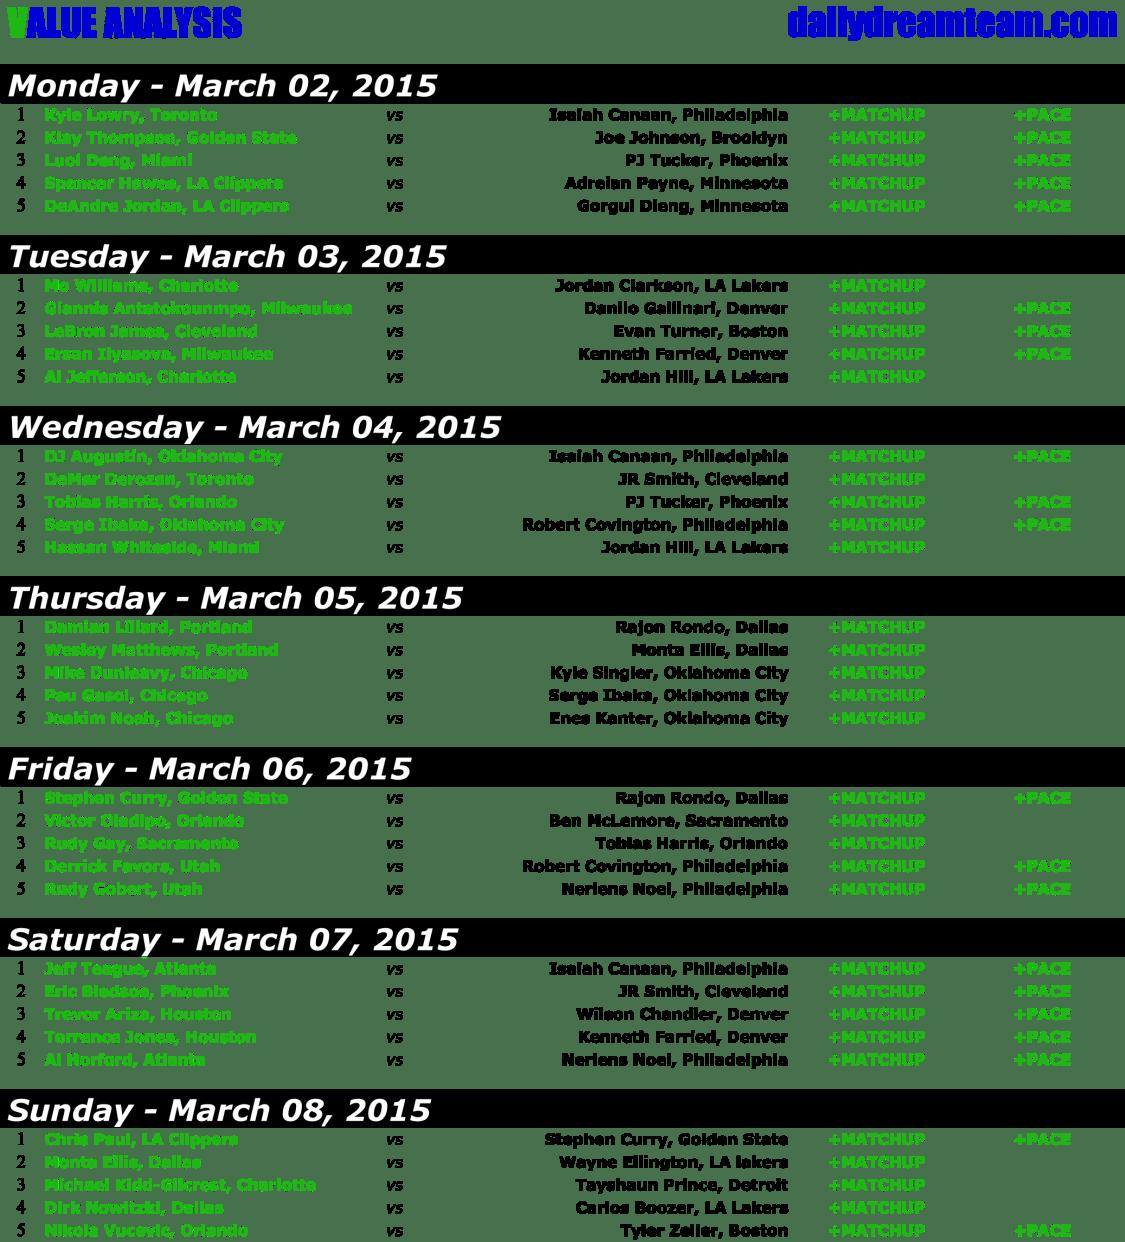 WEEK 19 - DAILY FANTASY BASKETBALL - VALUE